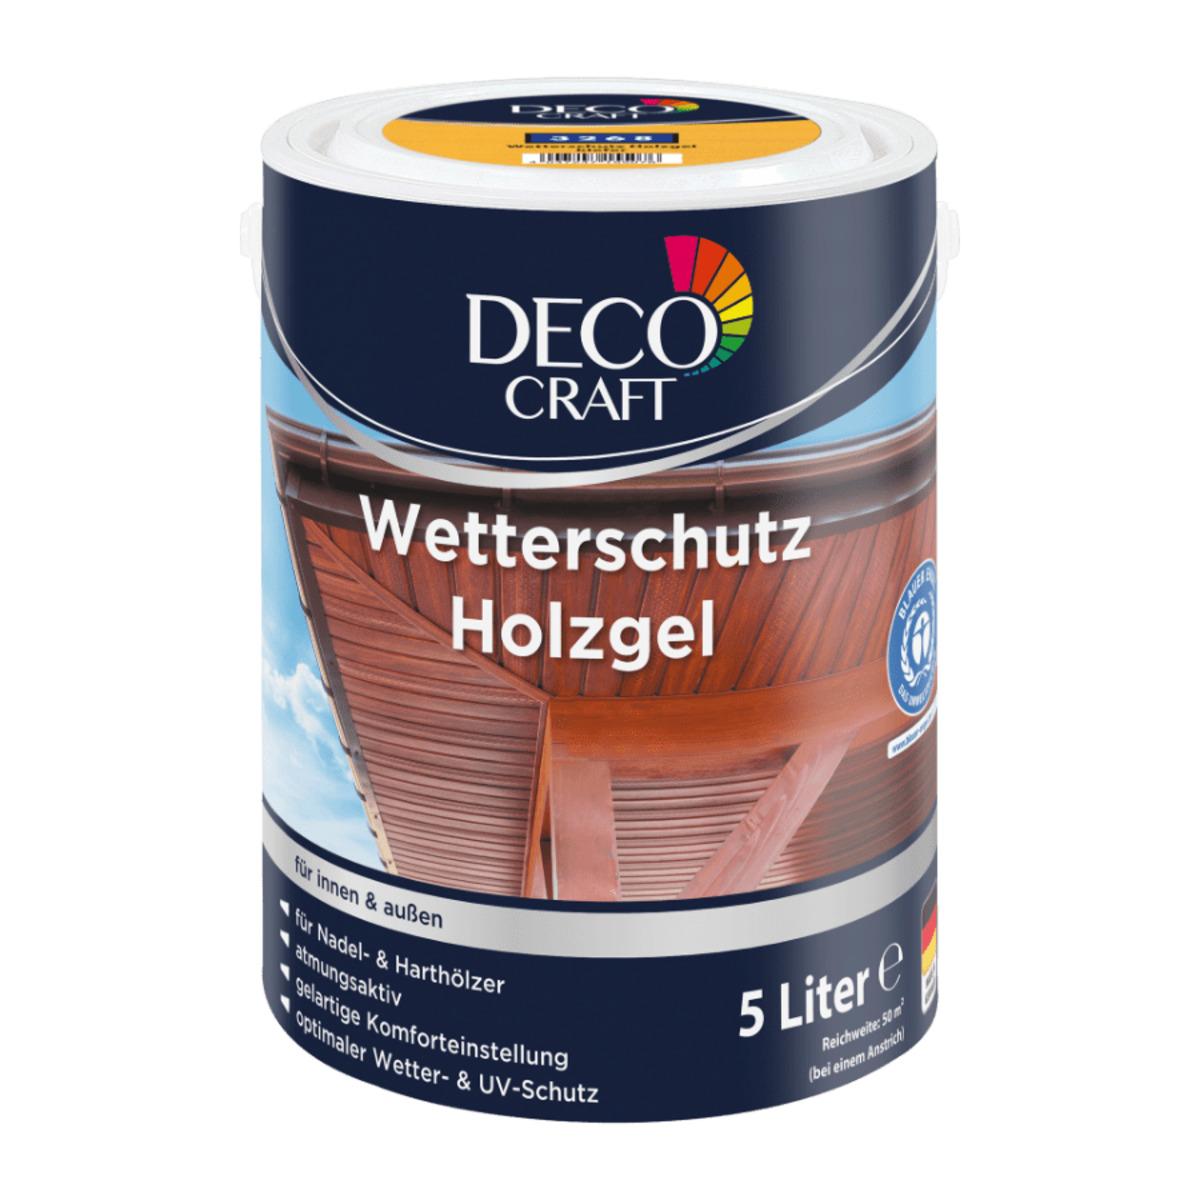 Bild 3 von DECO CRAFT     Wetterschutz Holzgel